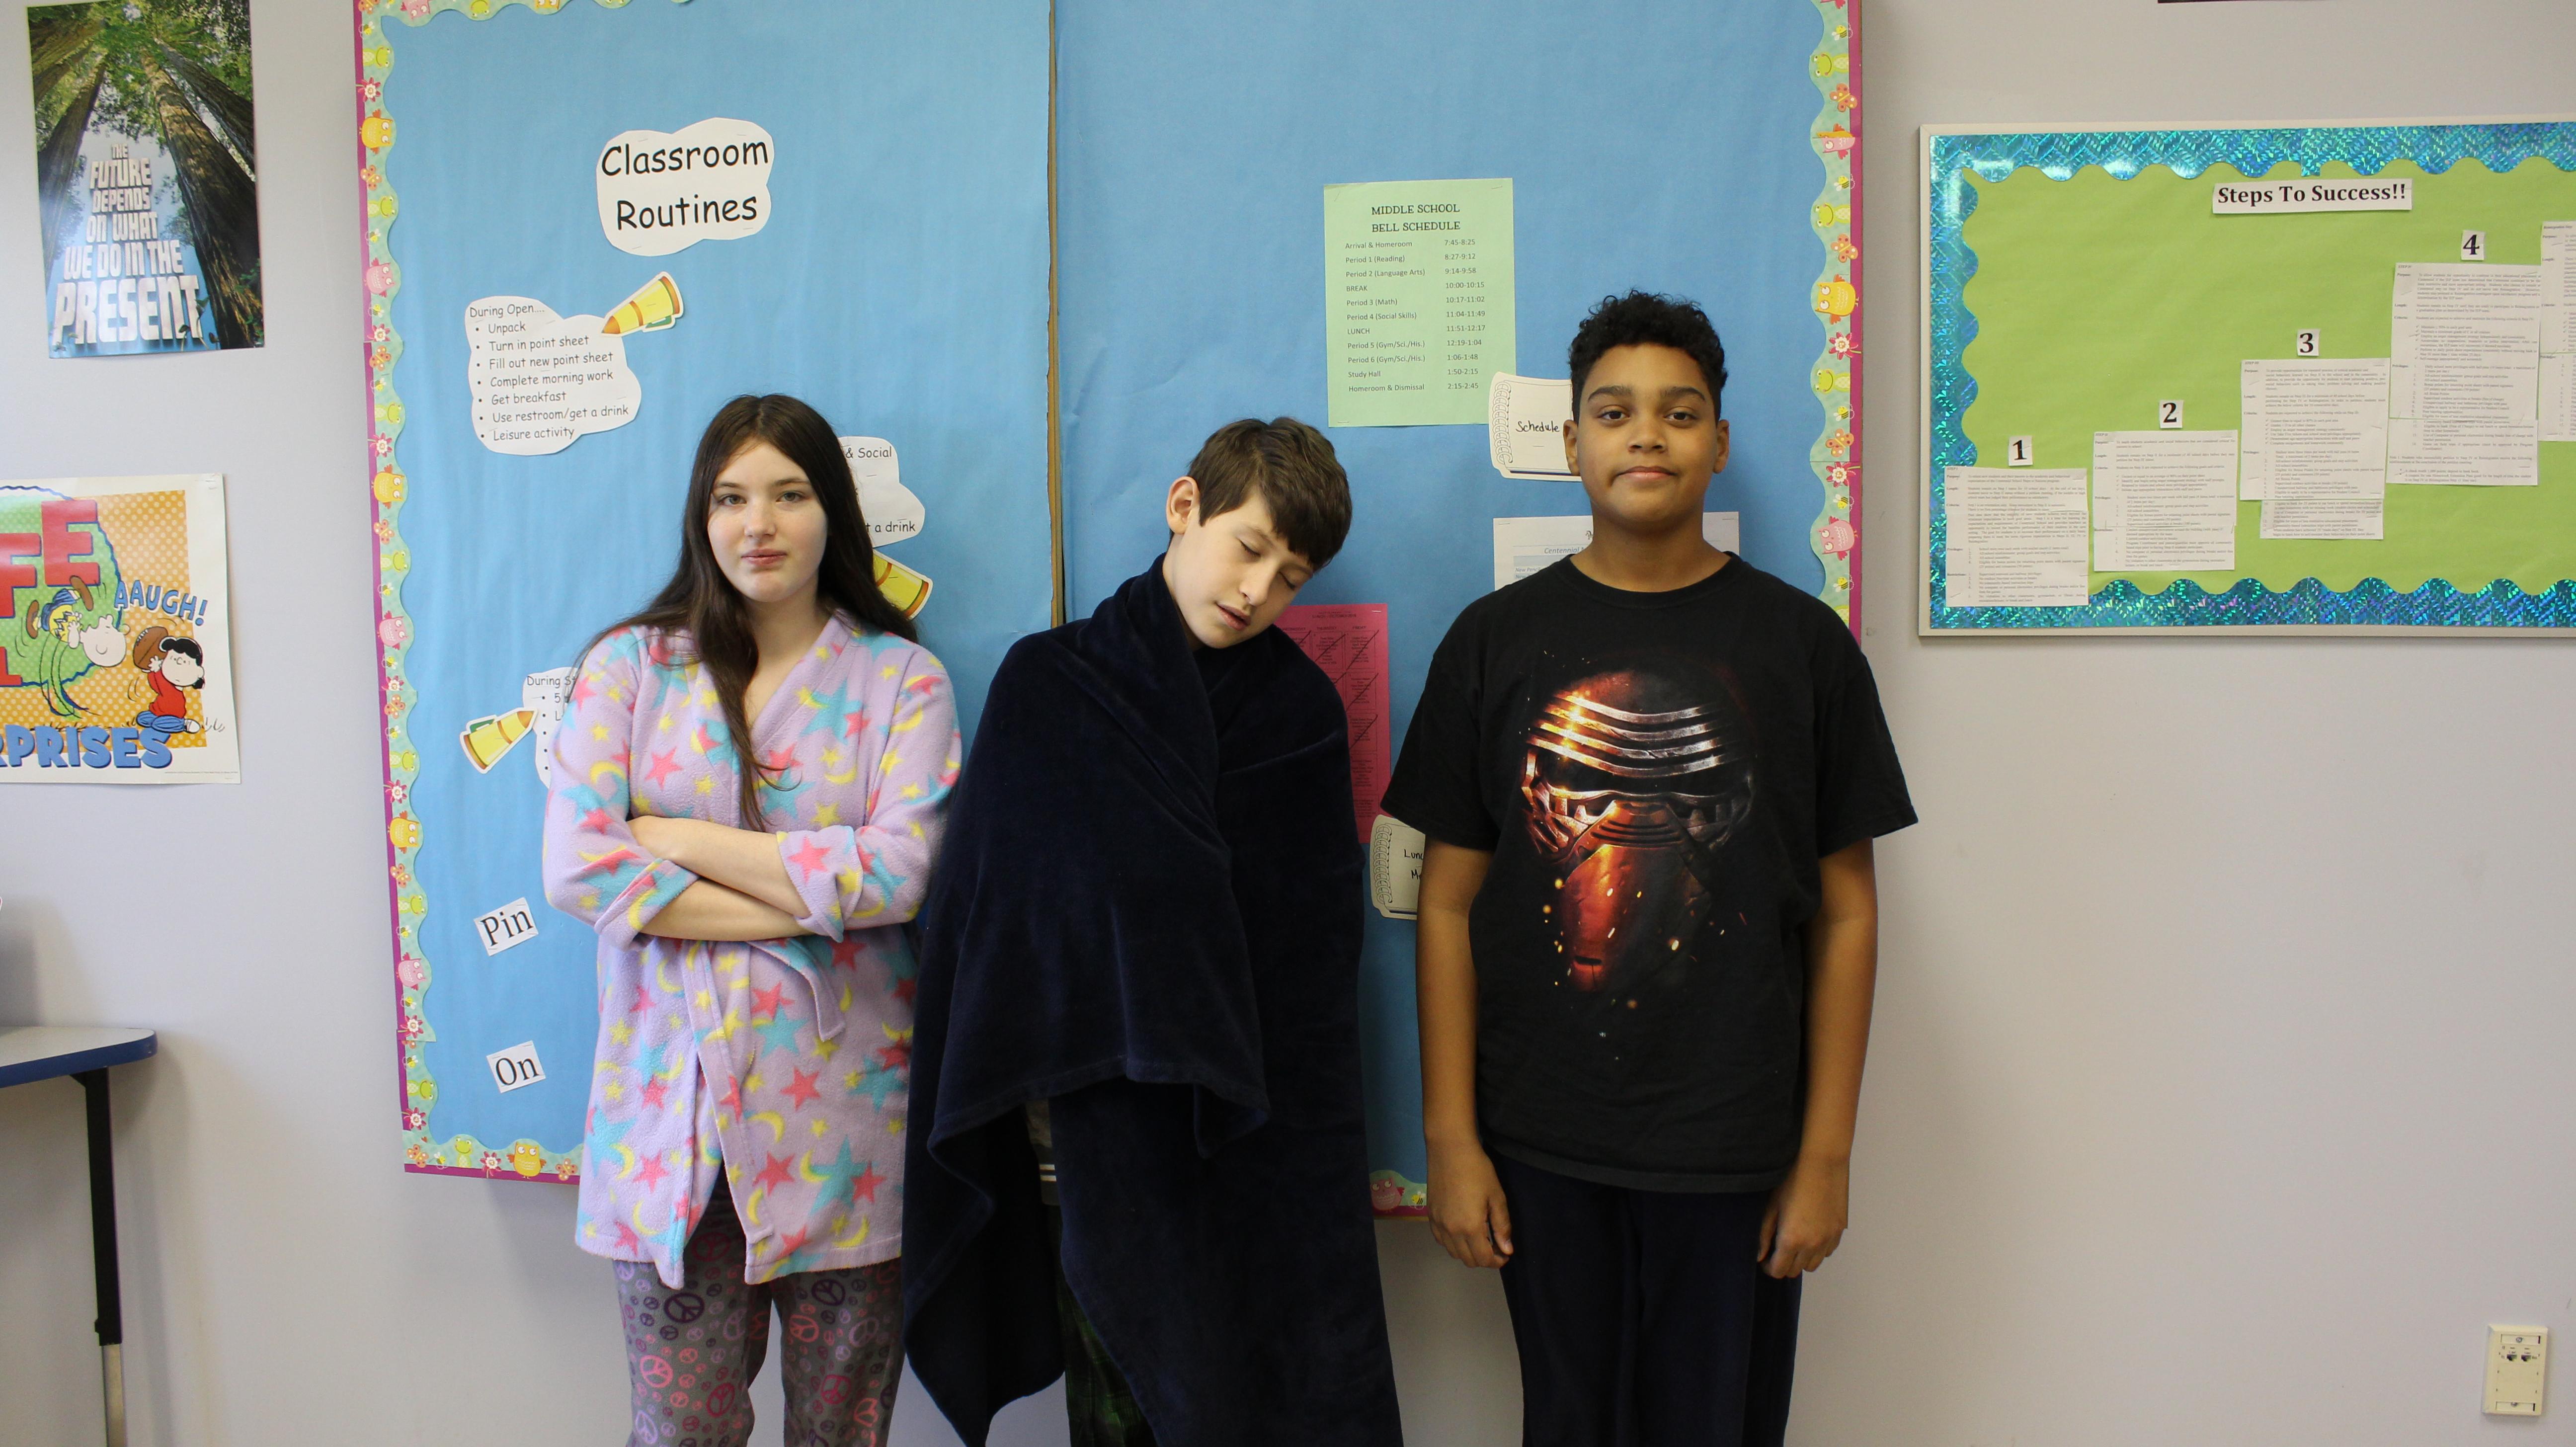 Students wearing PJs